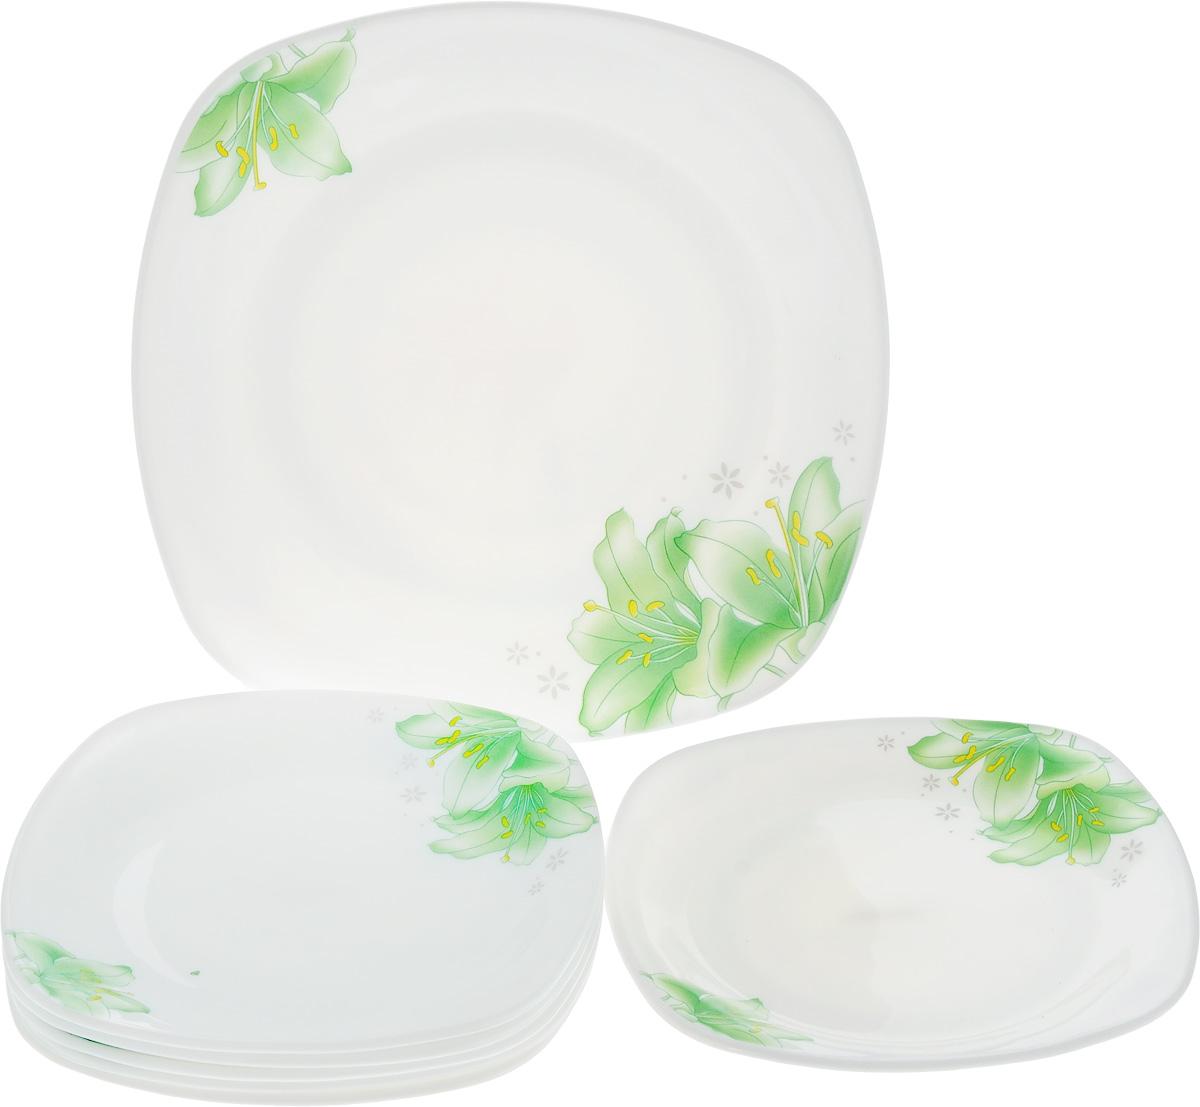 Набор тарелок Loraine, 7 шт. 23689550221 3067Набор Loraine состоит из 6 десертных тарелок и 1 блюда. Изделия, выполненные из прочного стекла, оформлены ярким рисунком цветов и имеют квадратную форму. Посуда отличается прочностью, гигиеничностью и долгим сроком службы, она устойчива к появлению царапин и резким перепадам температур. Такой набор прекрасно подойдет как для повседневного использования, так и для праздников или особенных случаев. Можно мыть в посудомоечной машине и использовать в микроволновой печи. Размер блюда: 26 х 26 х 3 см. Размер десертной тарелки: 19 х 19 х 2 см.